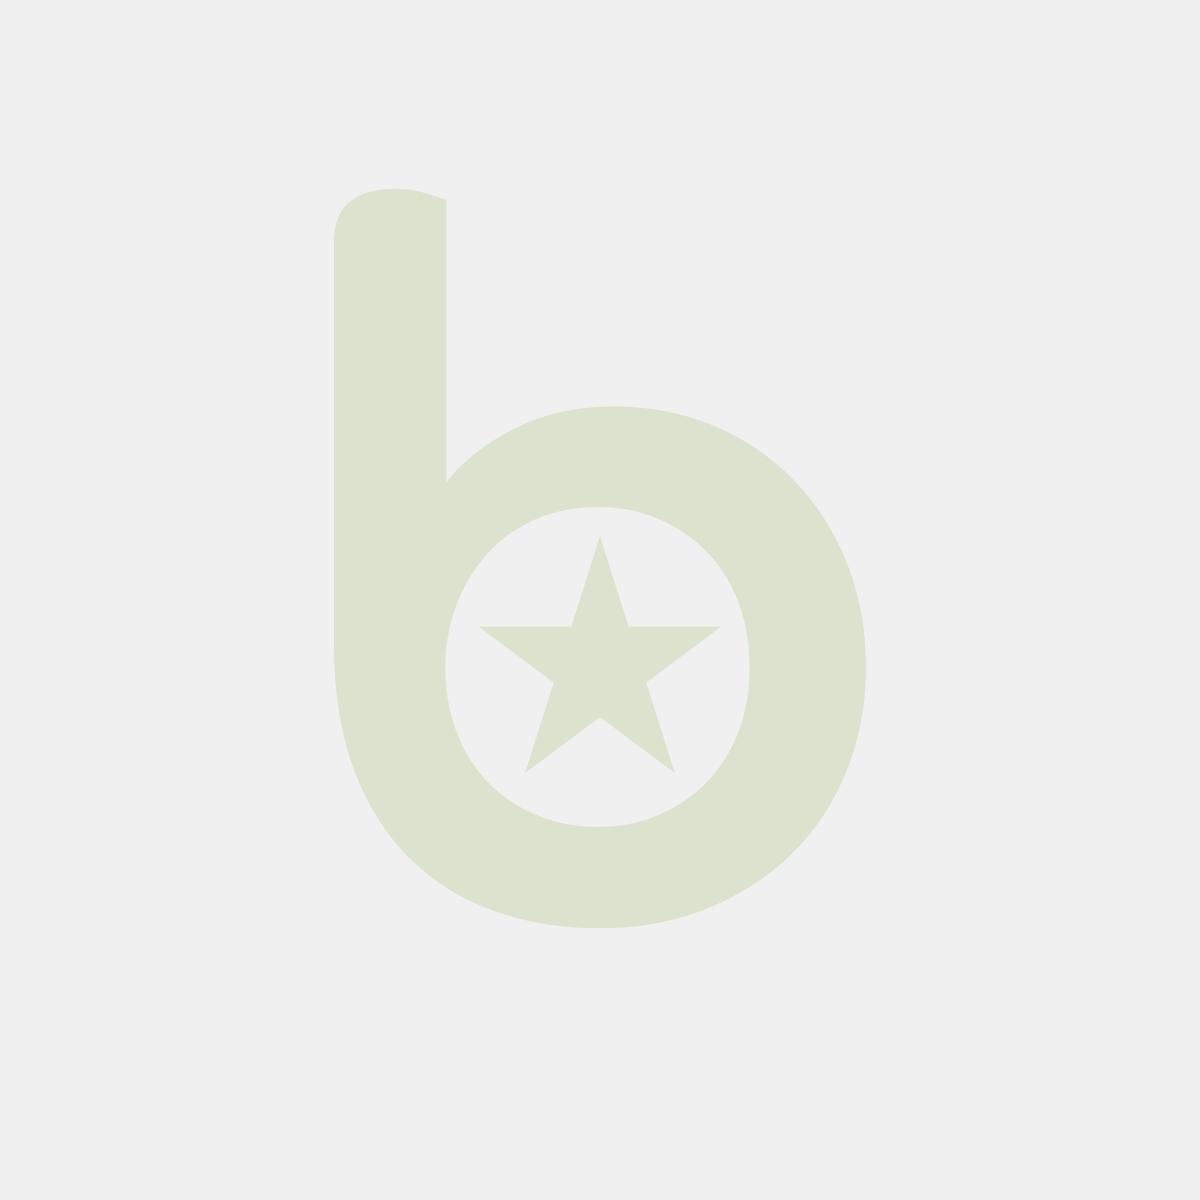 Hak wielokrotnego użytku COMMAND™ Jumbo (17004 PL), duży, biały